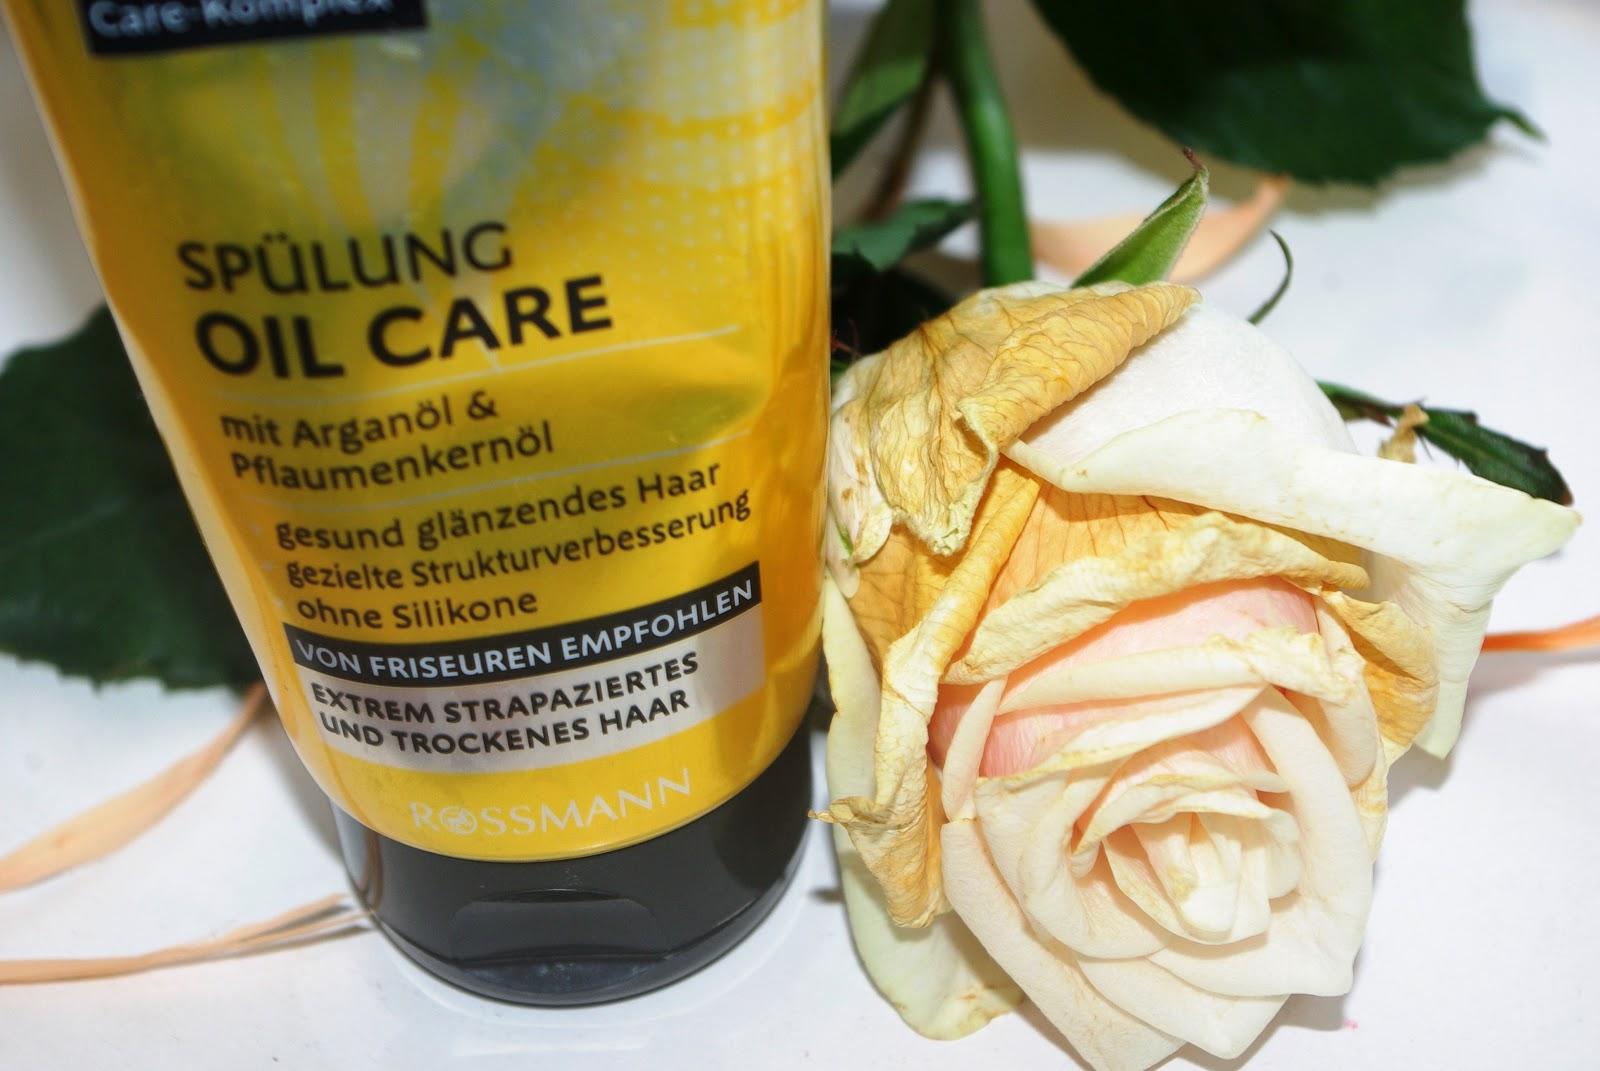 Isana Professional - Oil care (Kuracja do włosów z olejkiem arganowym)